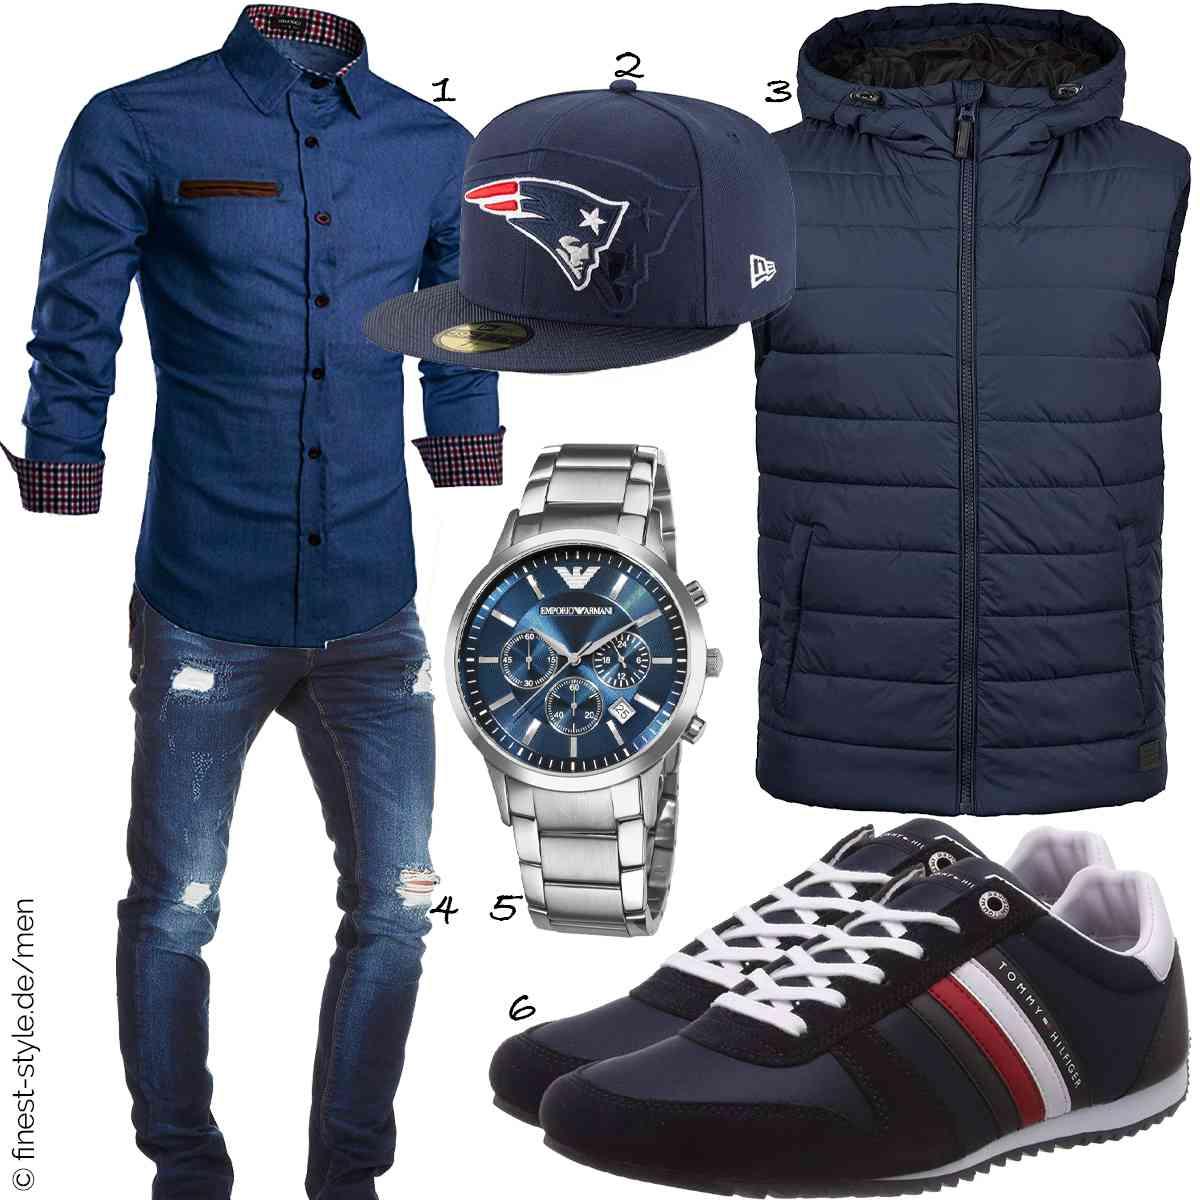 Top Herren-Outfit im Finest-Trend-Style für ein selbstbewusstes Modegefühl mit tollen Produkten von Coofandy,New Era,Blend,Amaci&Sons,RTH Sales,Tommy Hilfiger